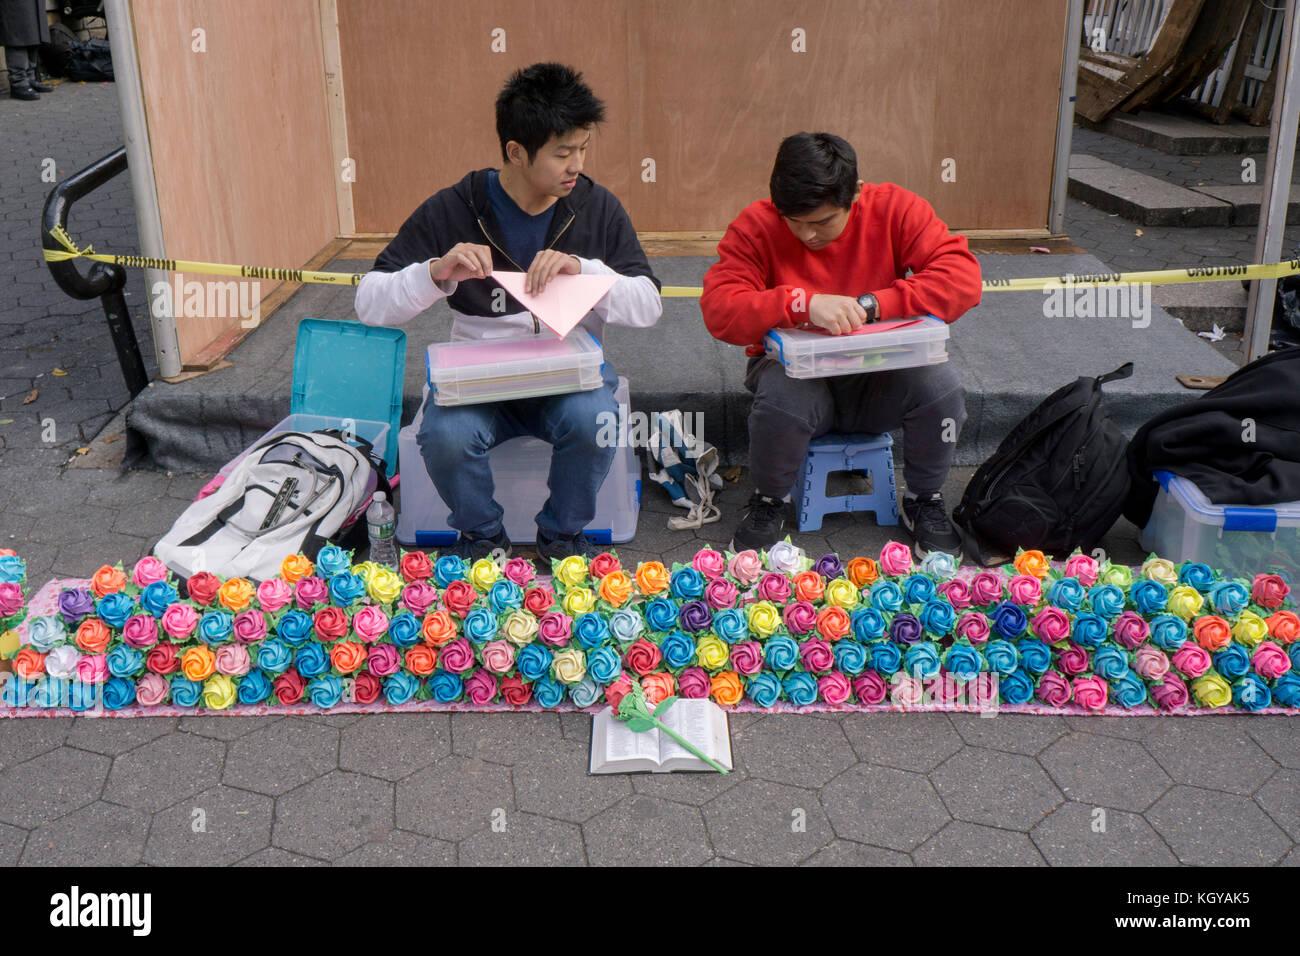 Ein chinesisch-amerikanische junge Mann macht Bunte origami Blumen und beauftragt seinen Freund in Origami. Am Union Stockbild